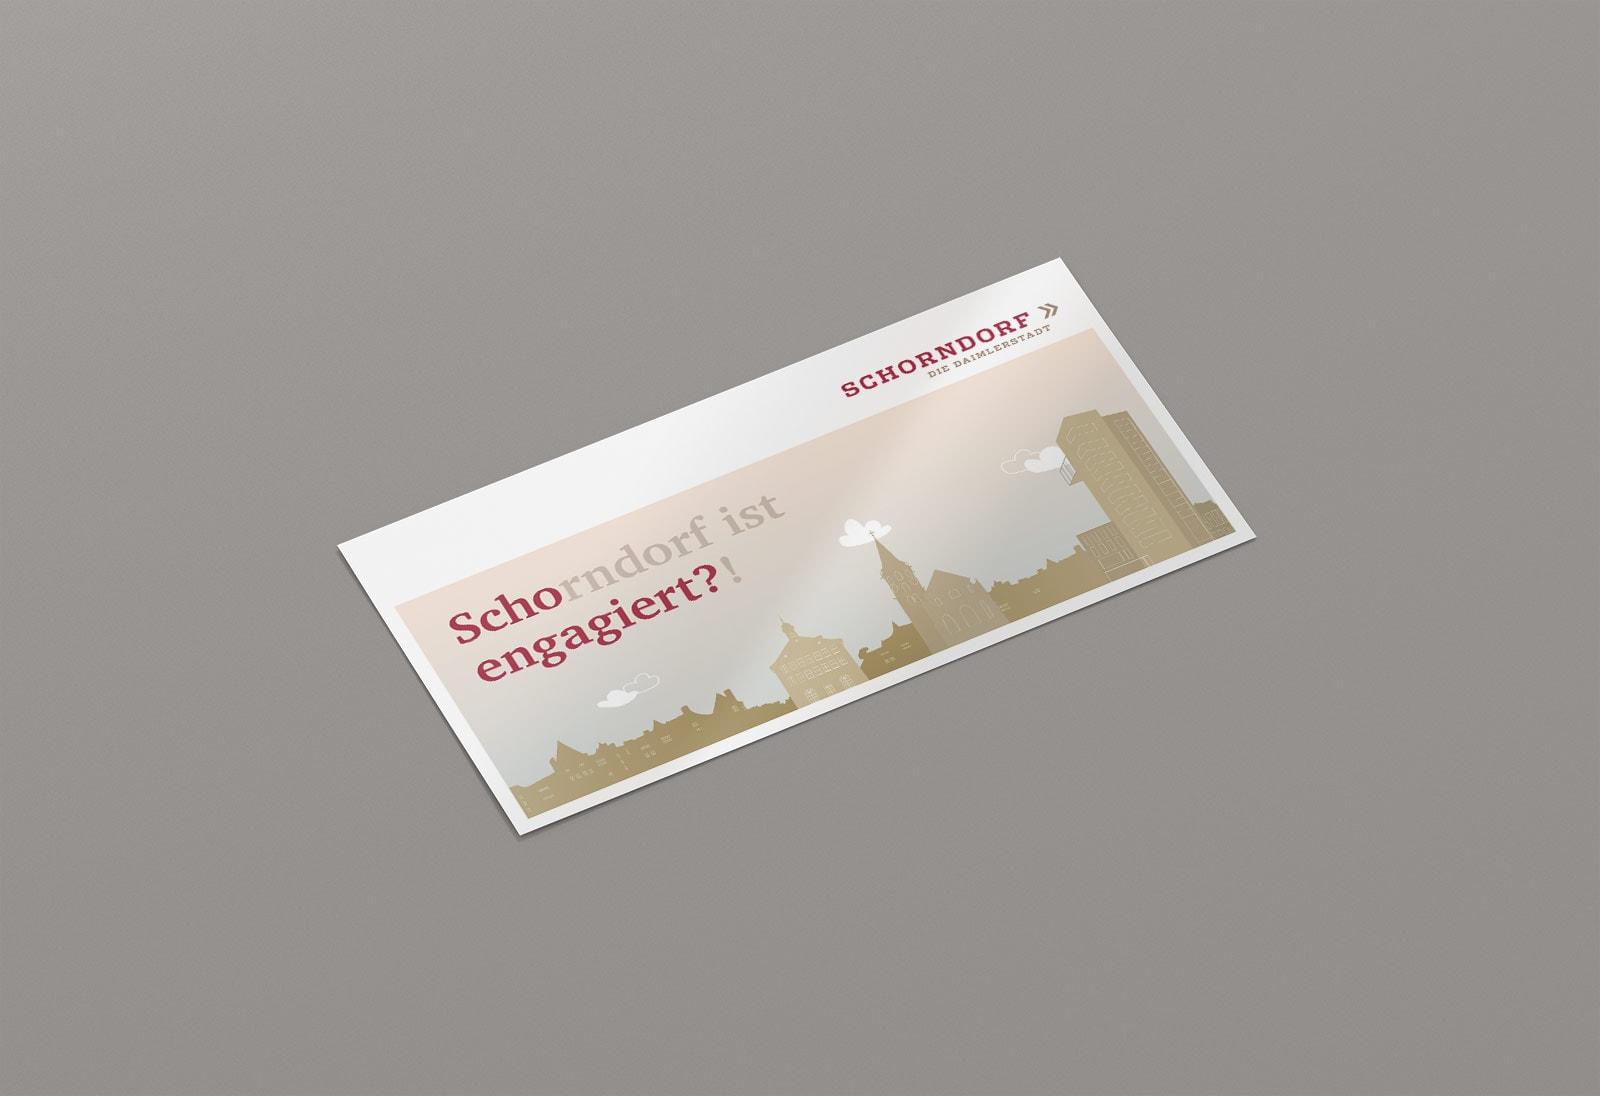 Scho-engagiert, Maxi-Postkarte, Werbemittel, Stadt Schorndorf, Vorderseite Perspektive